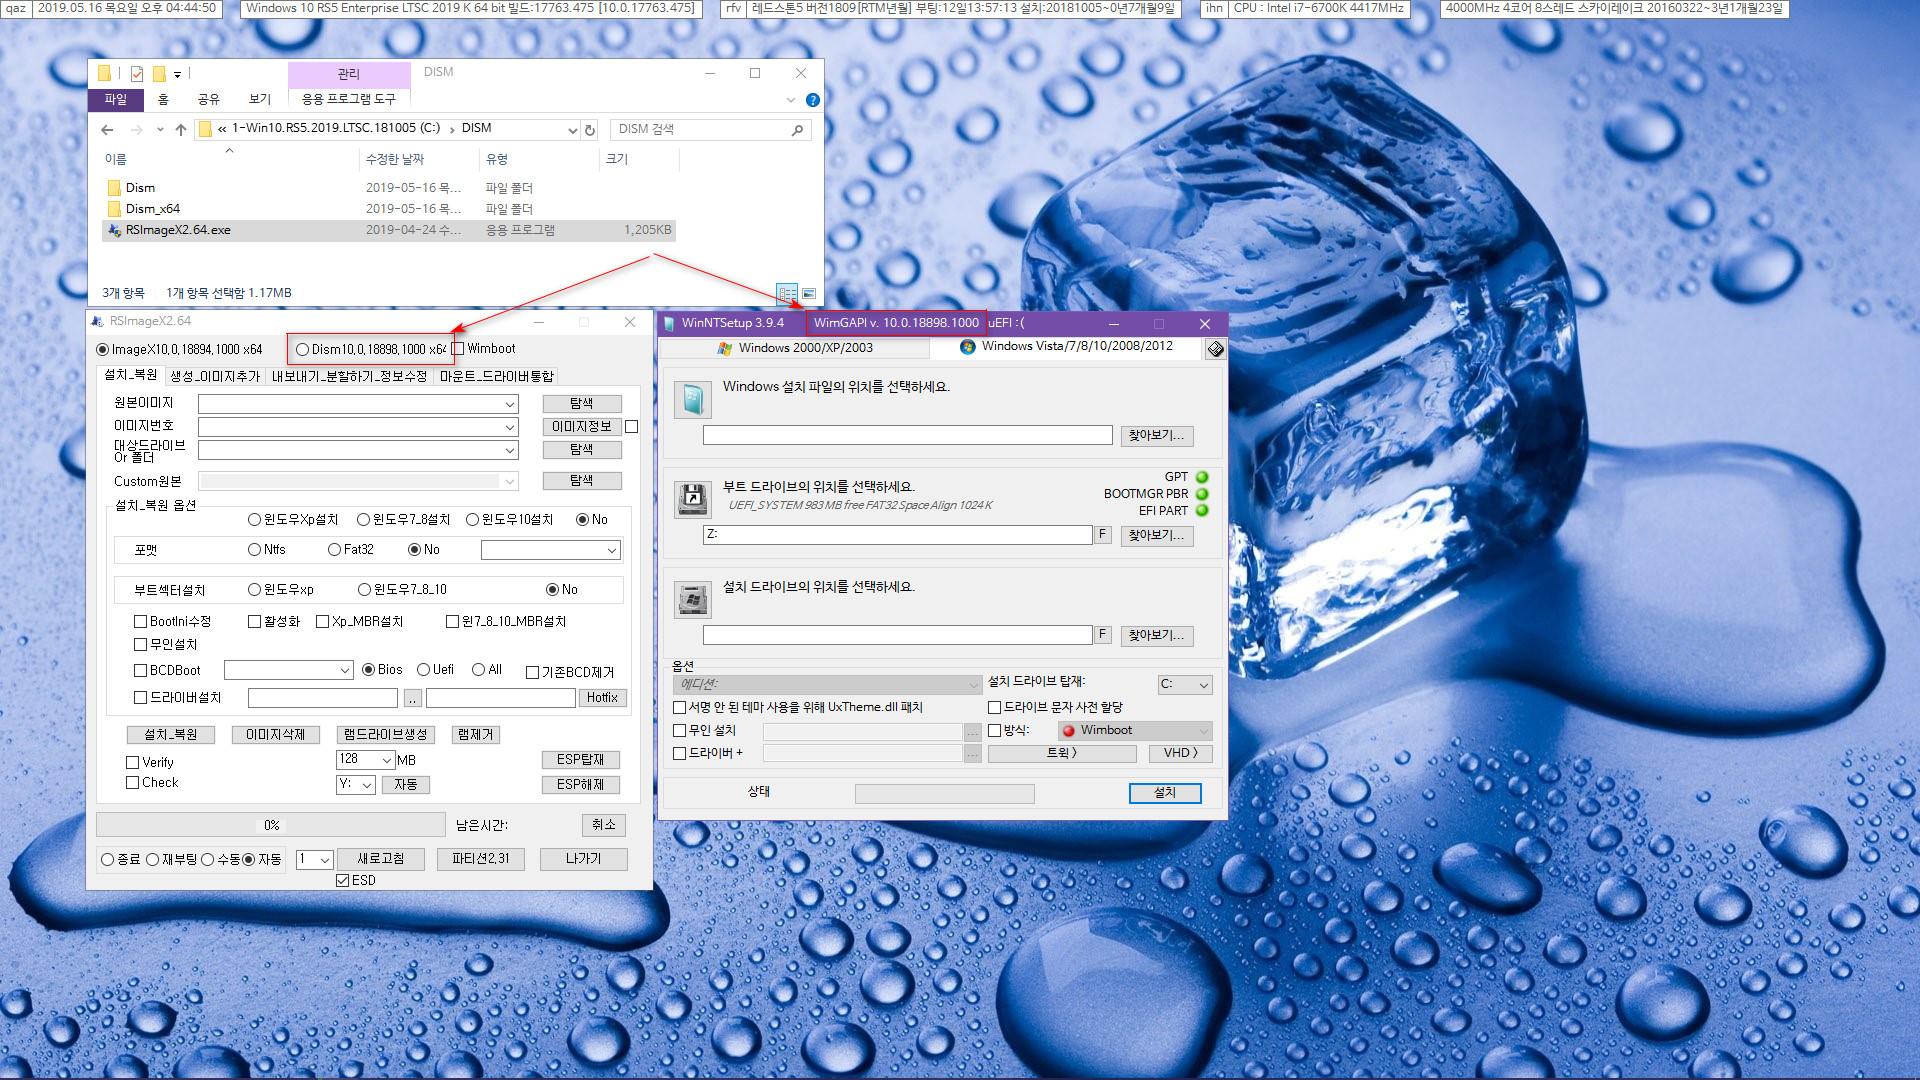 윈도10 20H1 인사이더 프리뷰 18894.1000 빌드 - ADK 파일이 나와서 RSImageX용 DISM과 ImageX 만들었습니다 - 18898 빌드는 윈도에서 추출했습니다 - WinNTSetup 에는 wimgapi.dll 만 교체하면 버전이 올라갑니다 2019-05-16_164450.jpg